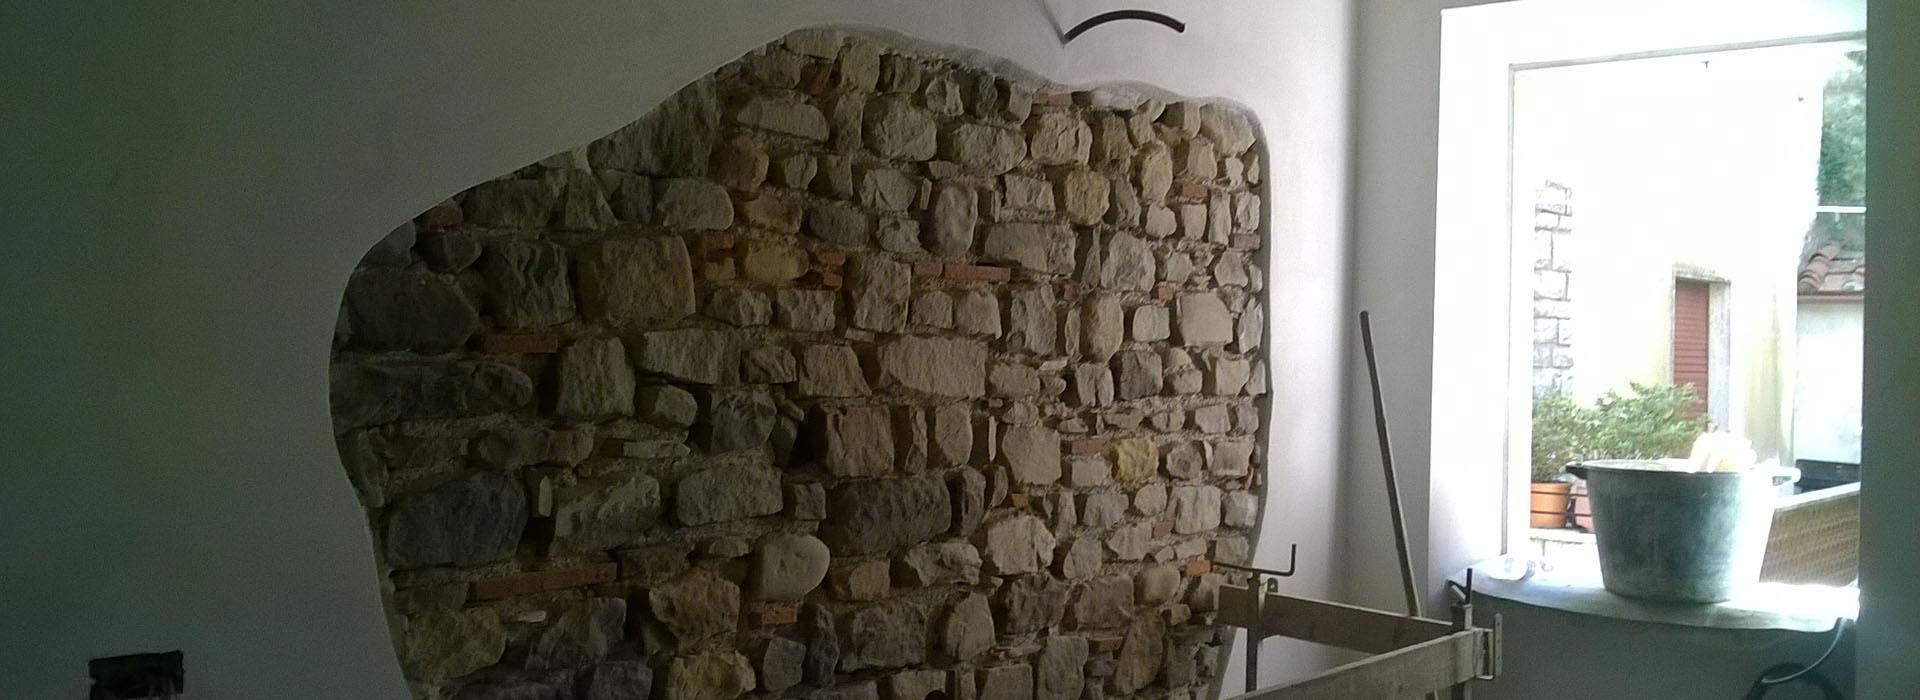 Specchio muro a Lucca